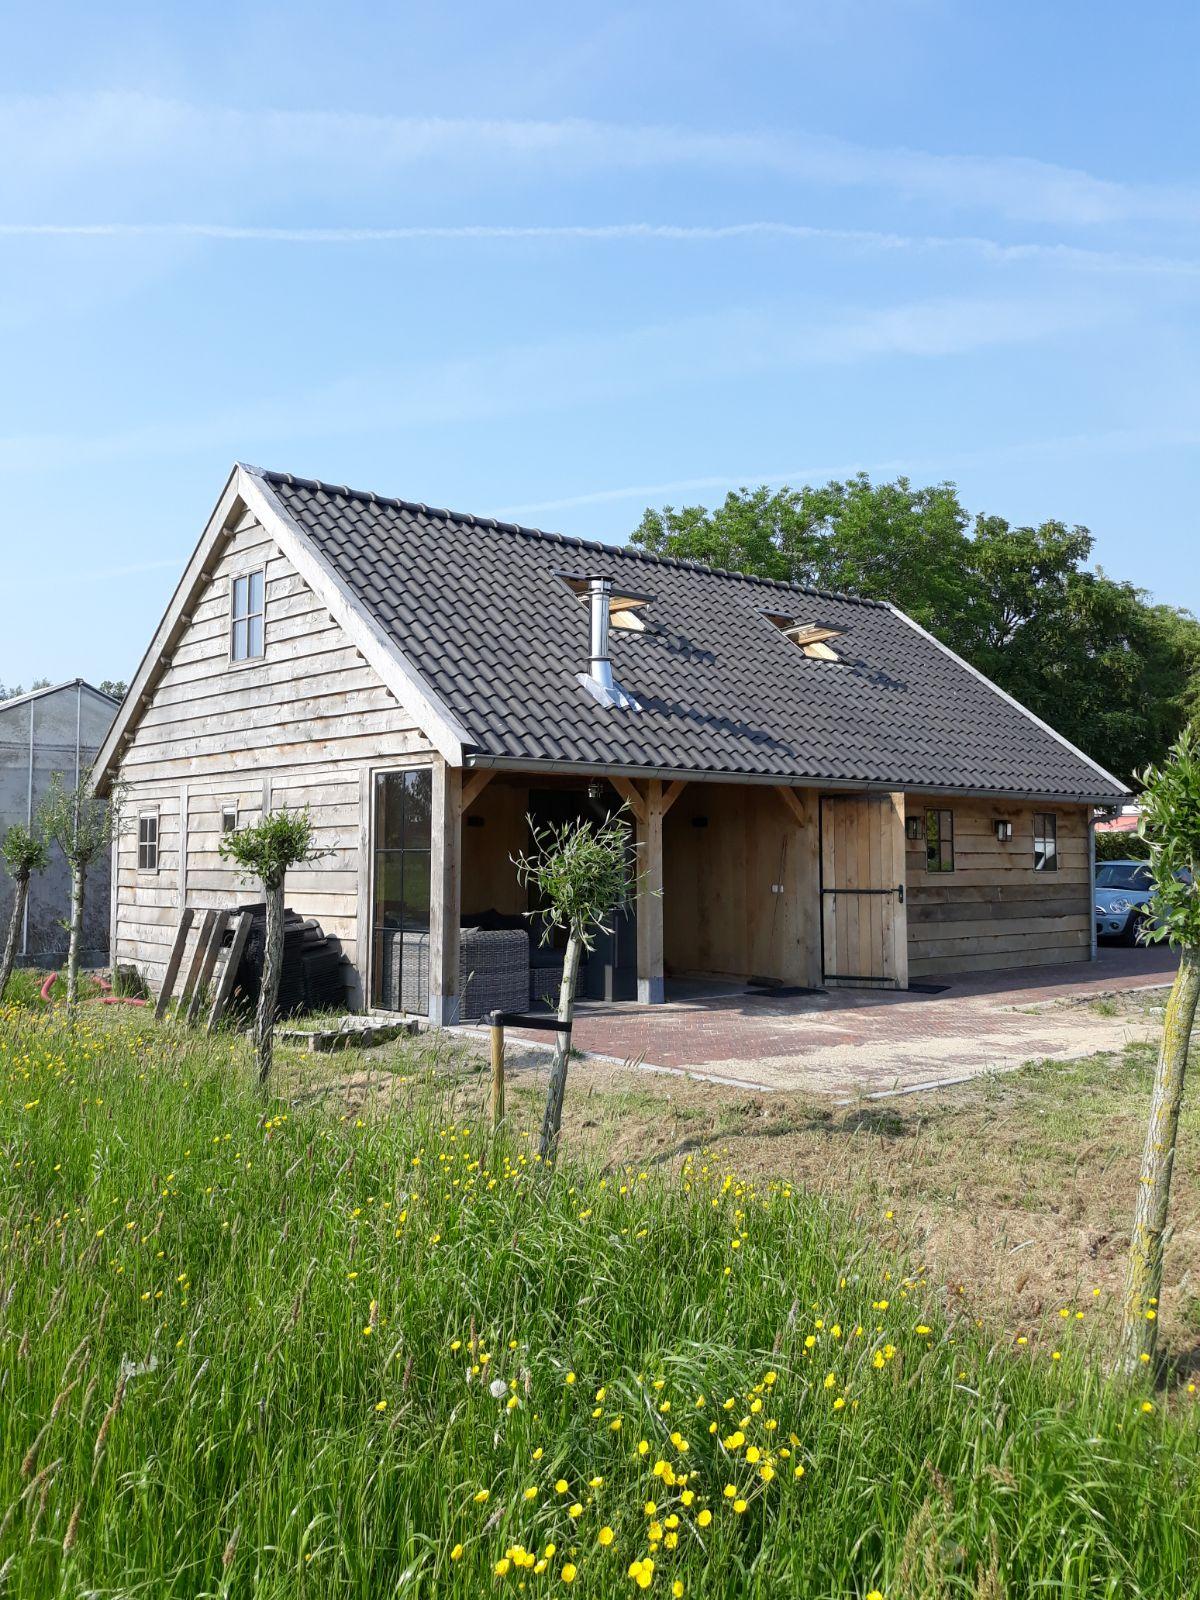 eiken-bijgebouw-1 - Project Maassluis: Eiken Recreatiewoning - Bijgebouw